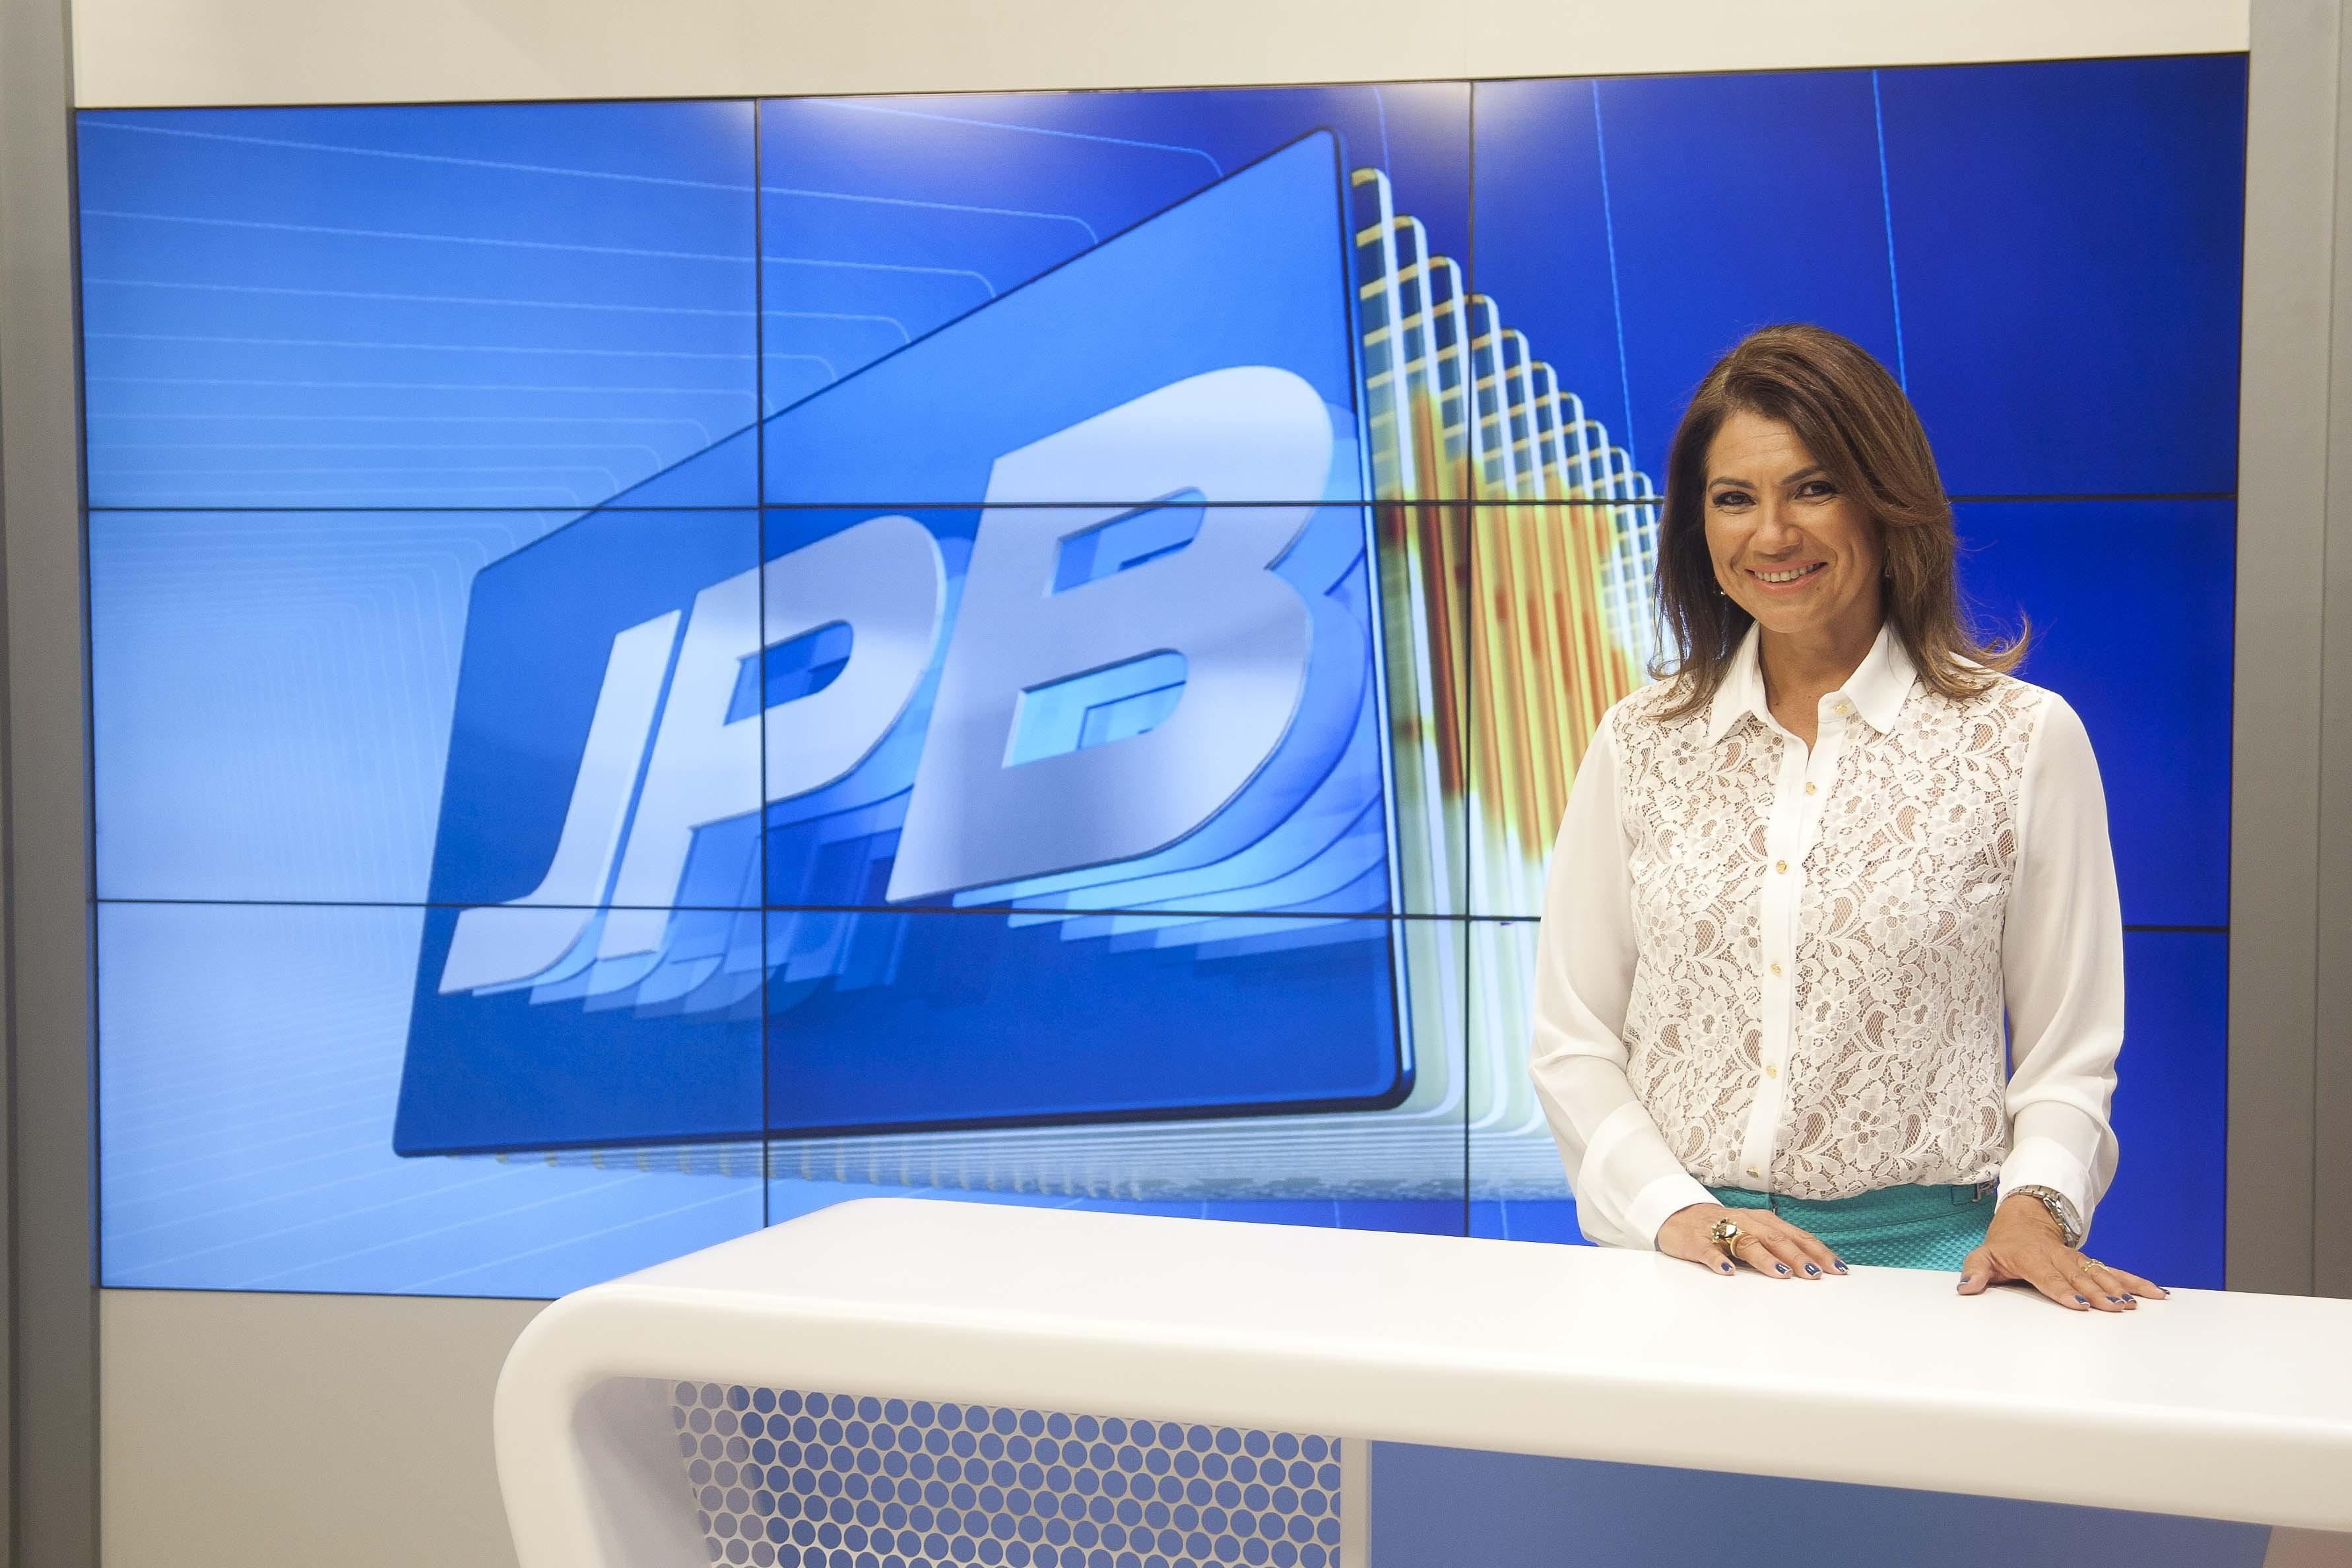 Edilane Araújo no novo cenário do JPB 2ª Edição (Foto: Felipe Gesteira/TV Cabo Branco)